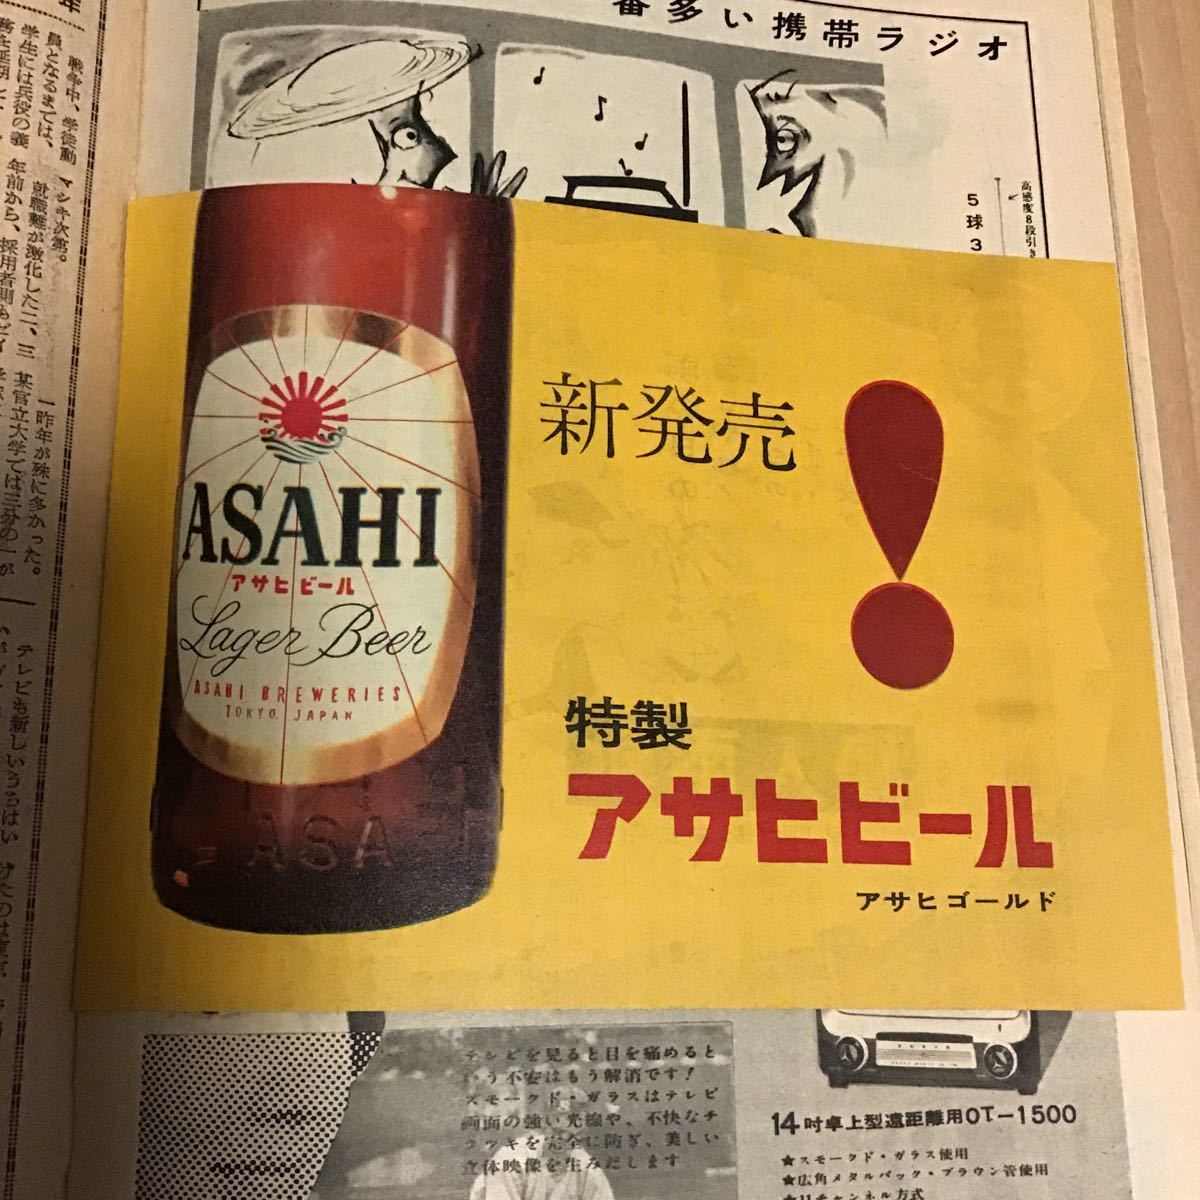 週刊朝日 昭和32年5月26日号 1957年 表紙 荻須高徳 セーヌの釣人 / 牛山喜久子_画像6